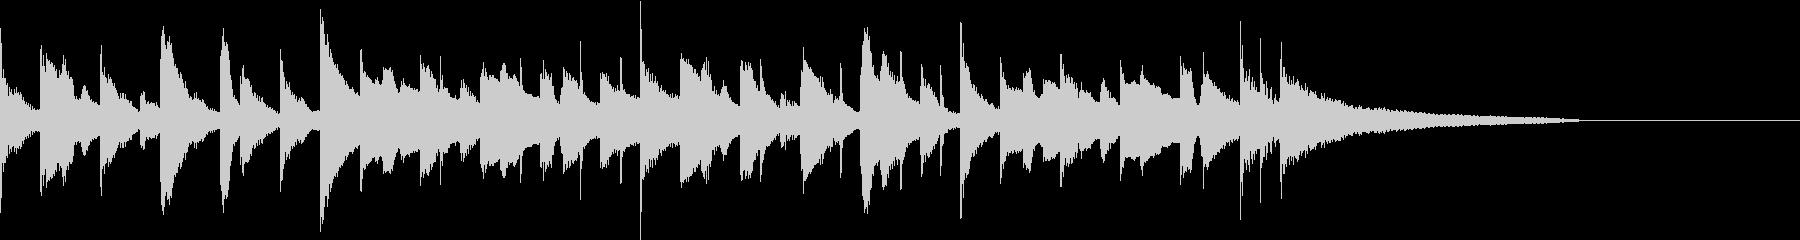 カフェ風ボサノヴァ ジングル3の未再生の波形